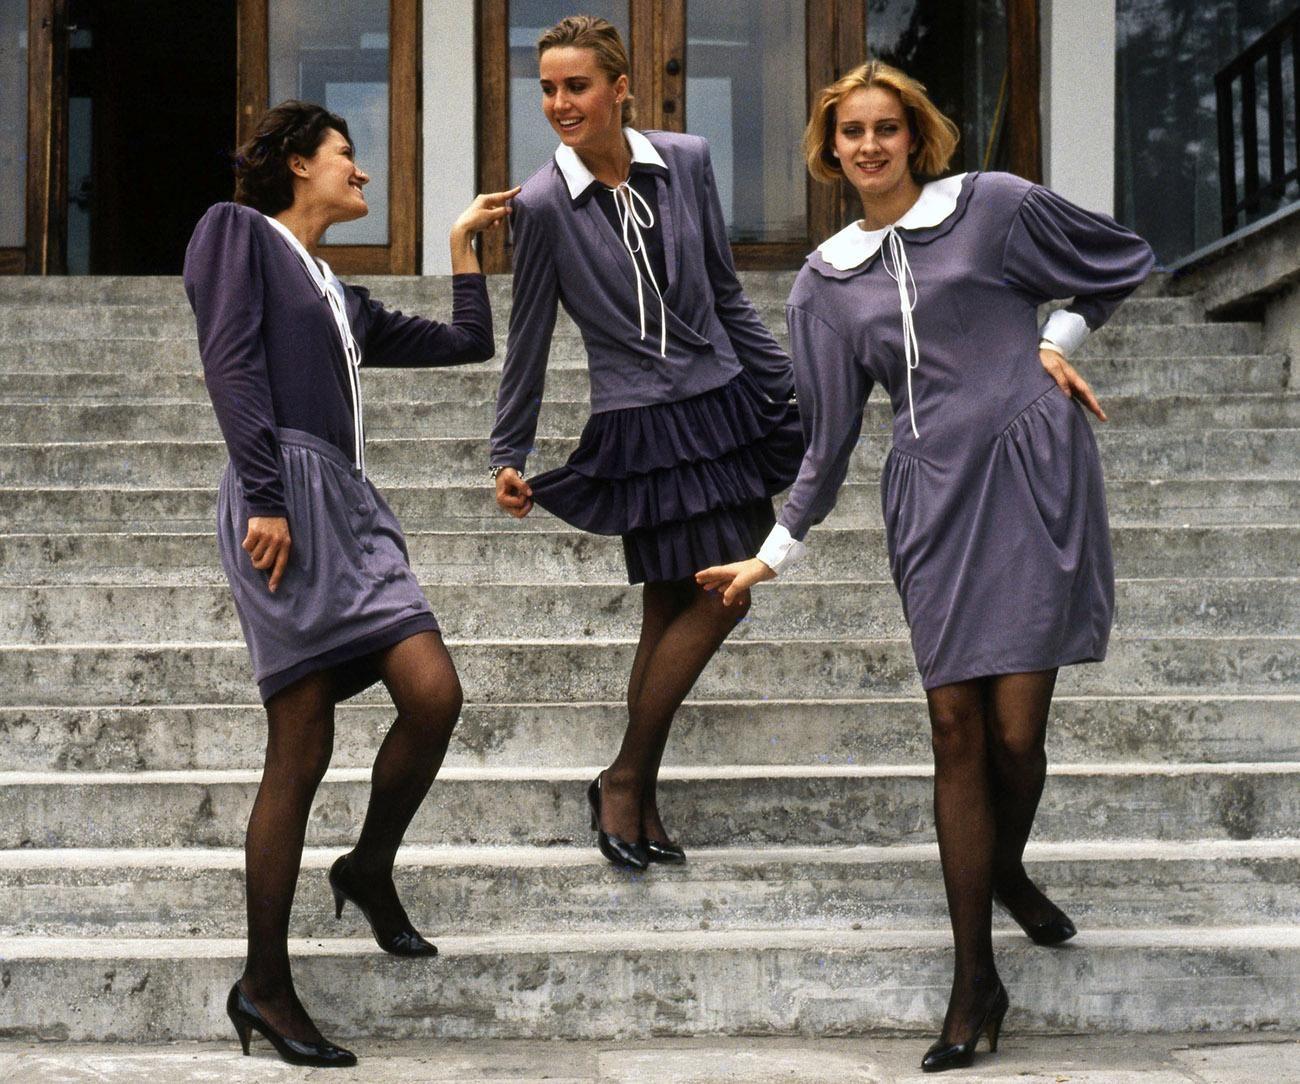 Trzy młode kobiety w fioletowych sukienkach z białymi kołnierzykami pozują na schodach.